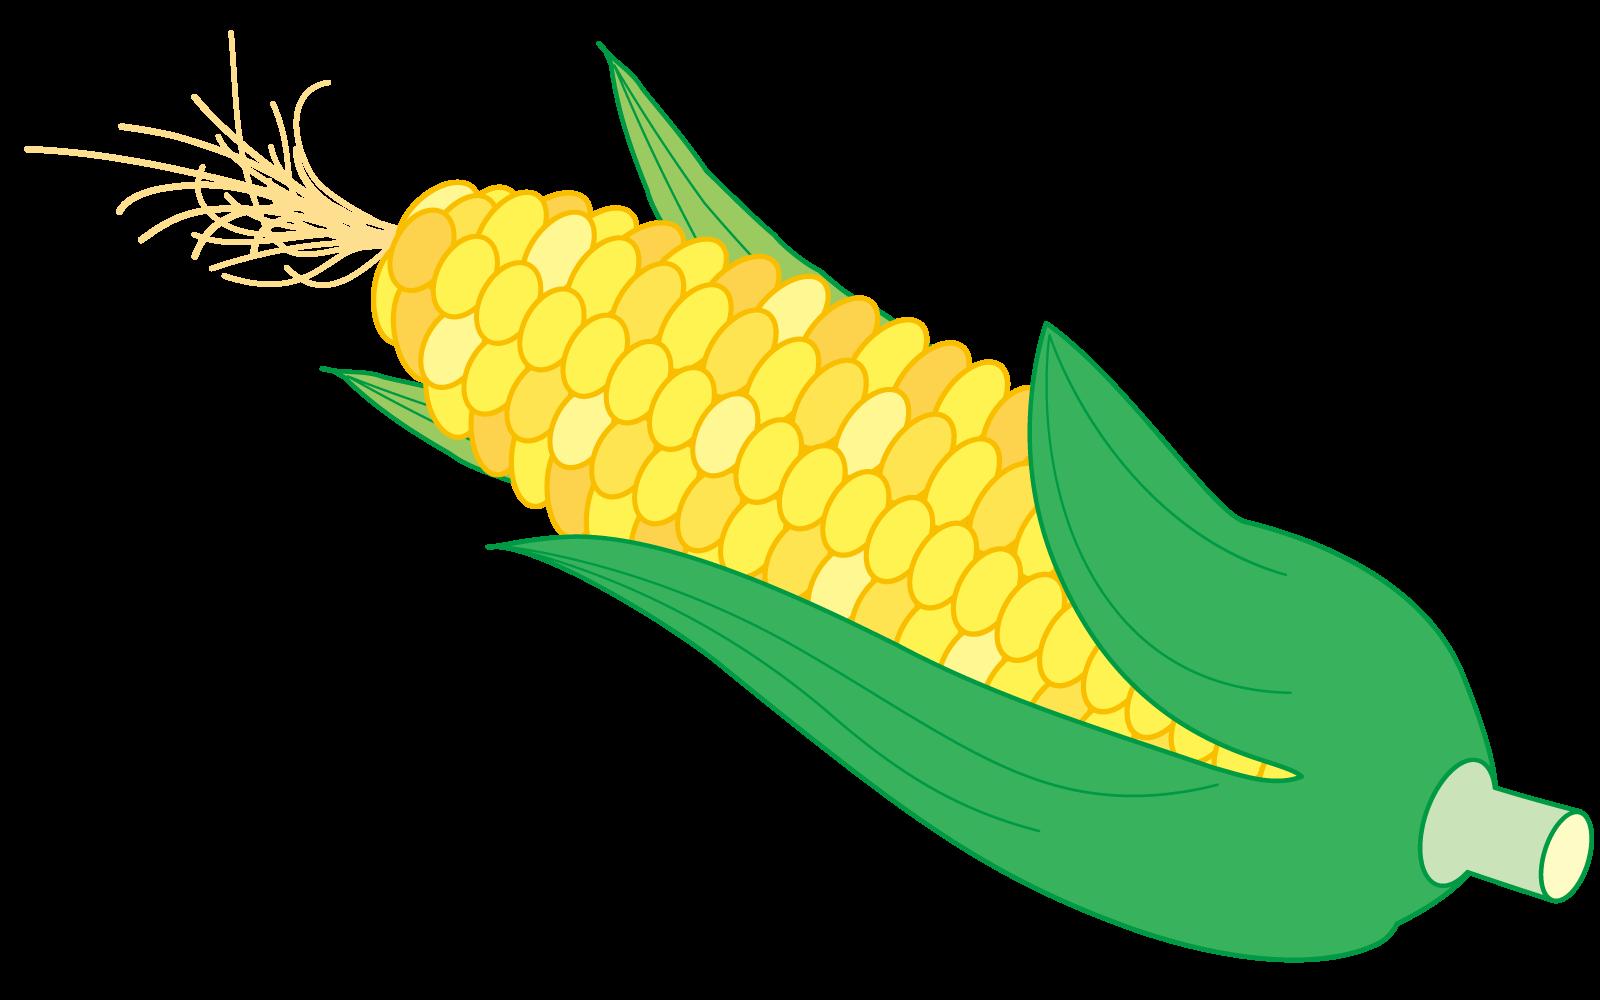 トウモロコシイラスト